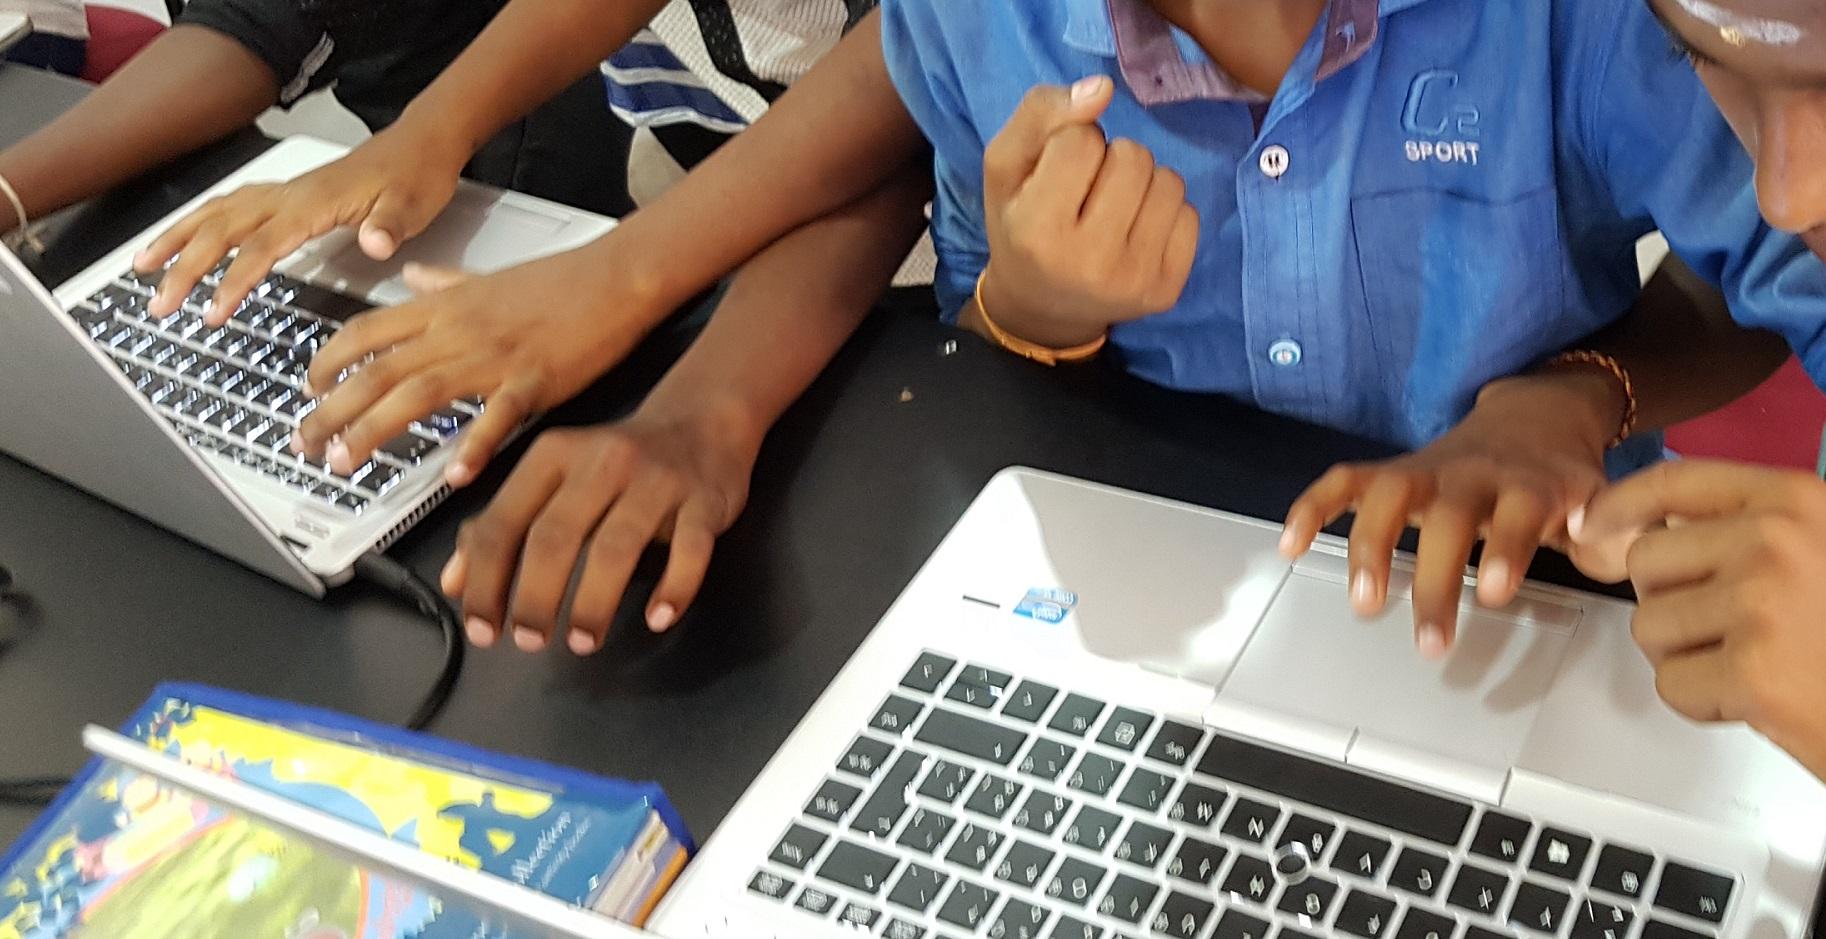 Acht Kinderhände tummeln sich an zwei Laptops